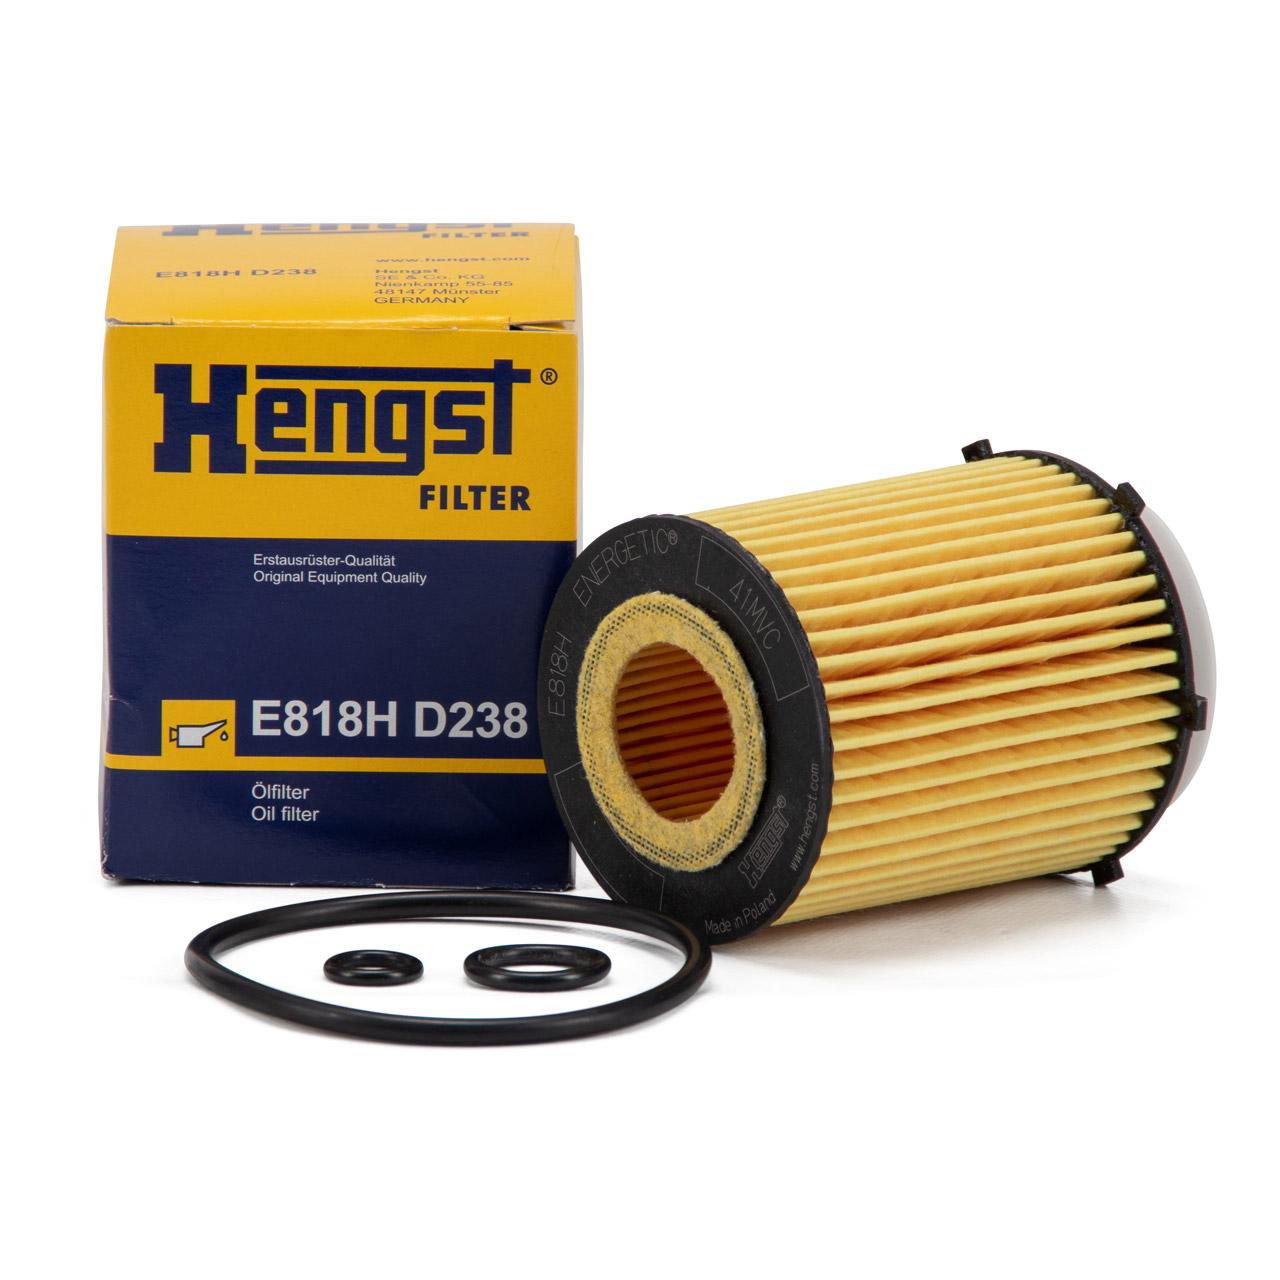 HENGST E818HD238 Ölfilter für INFINITI MERCEDES-BENZ 160-300 M260 N264 M270 M274